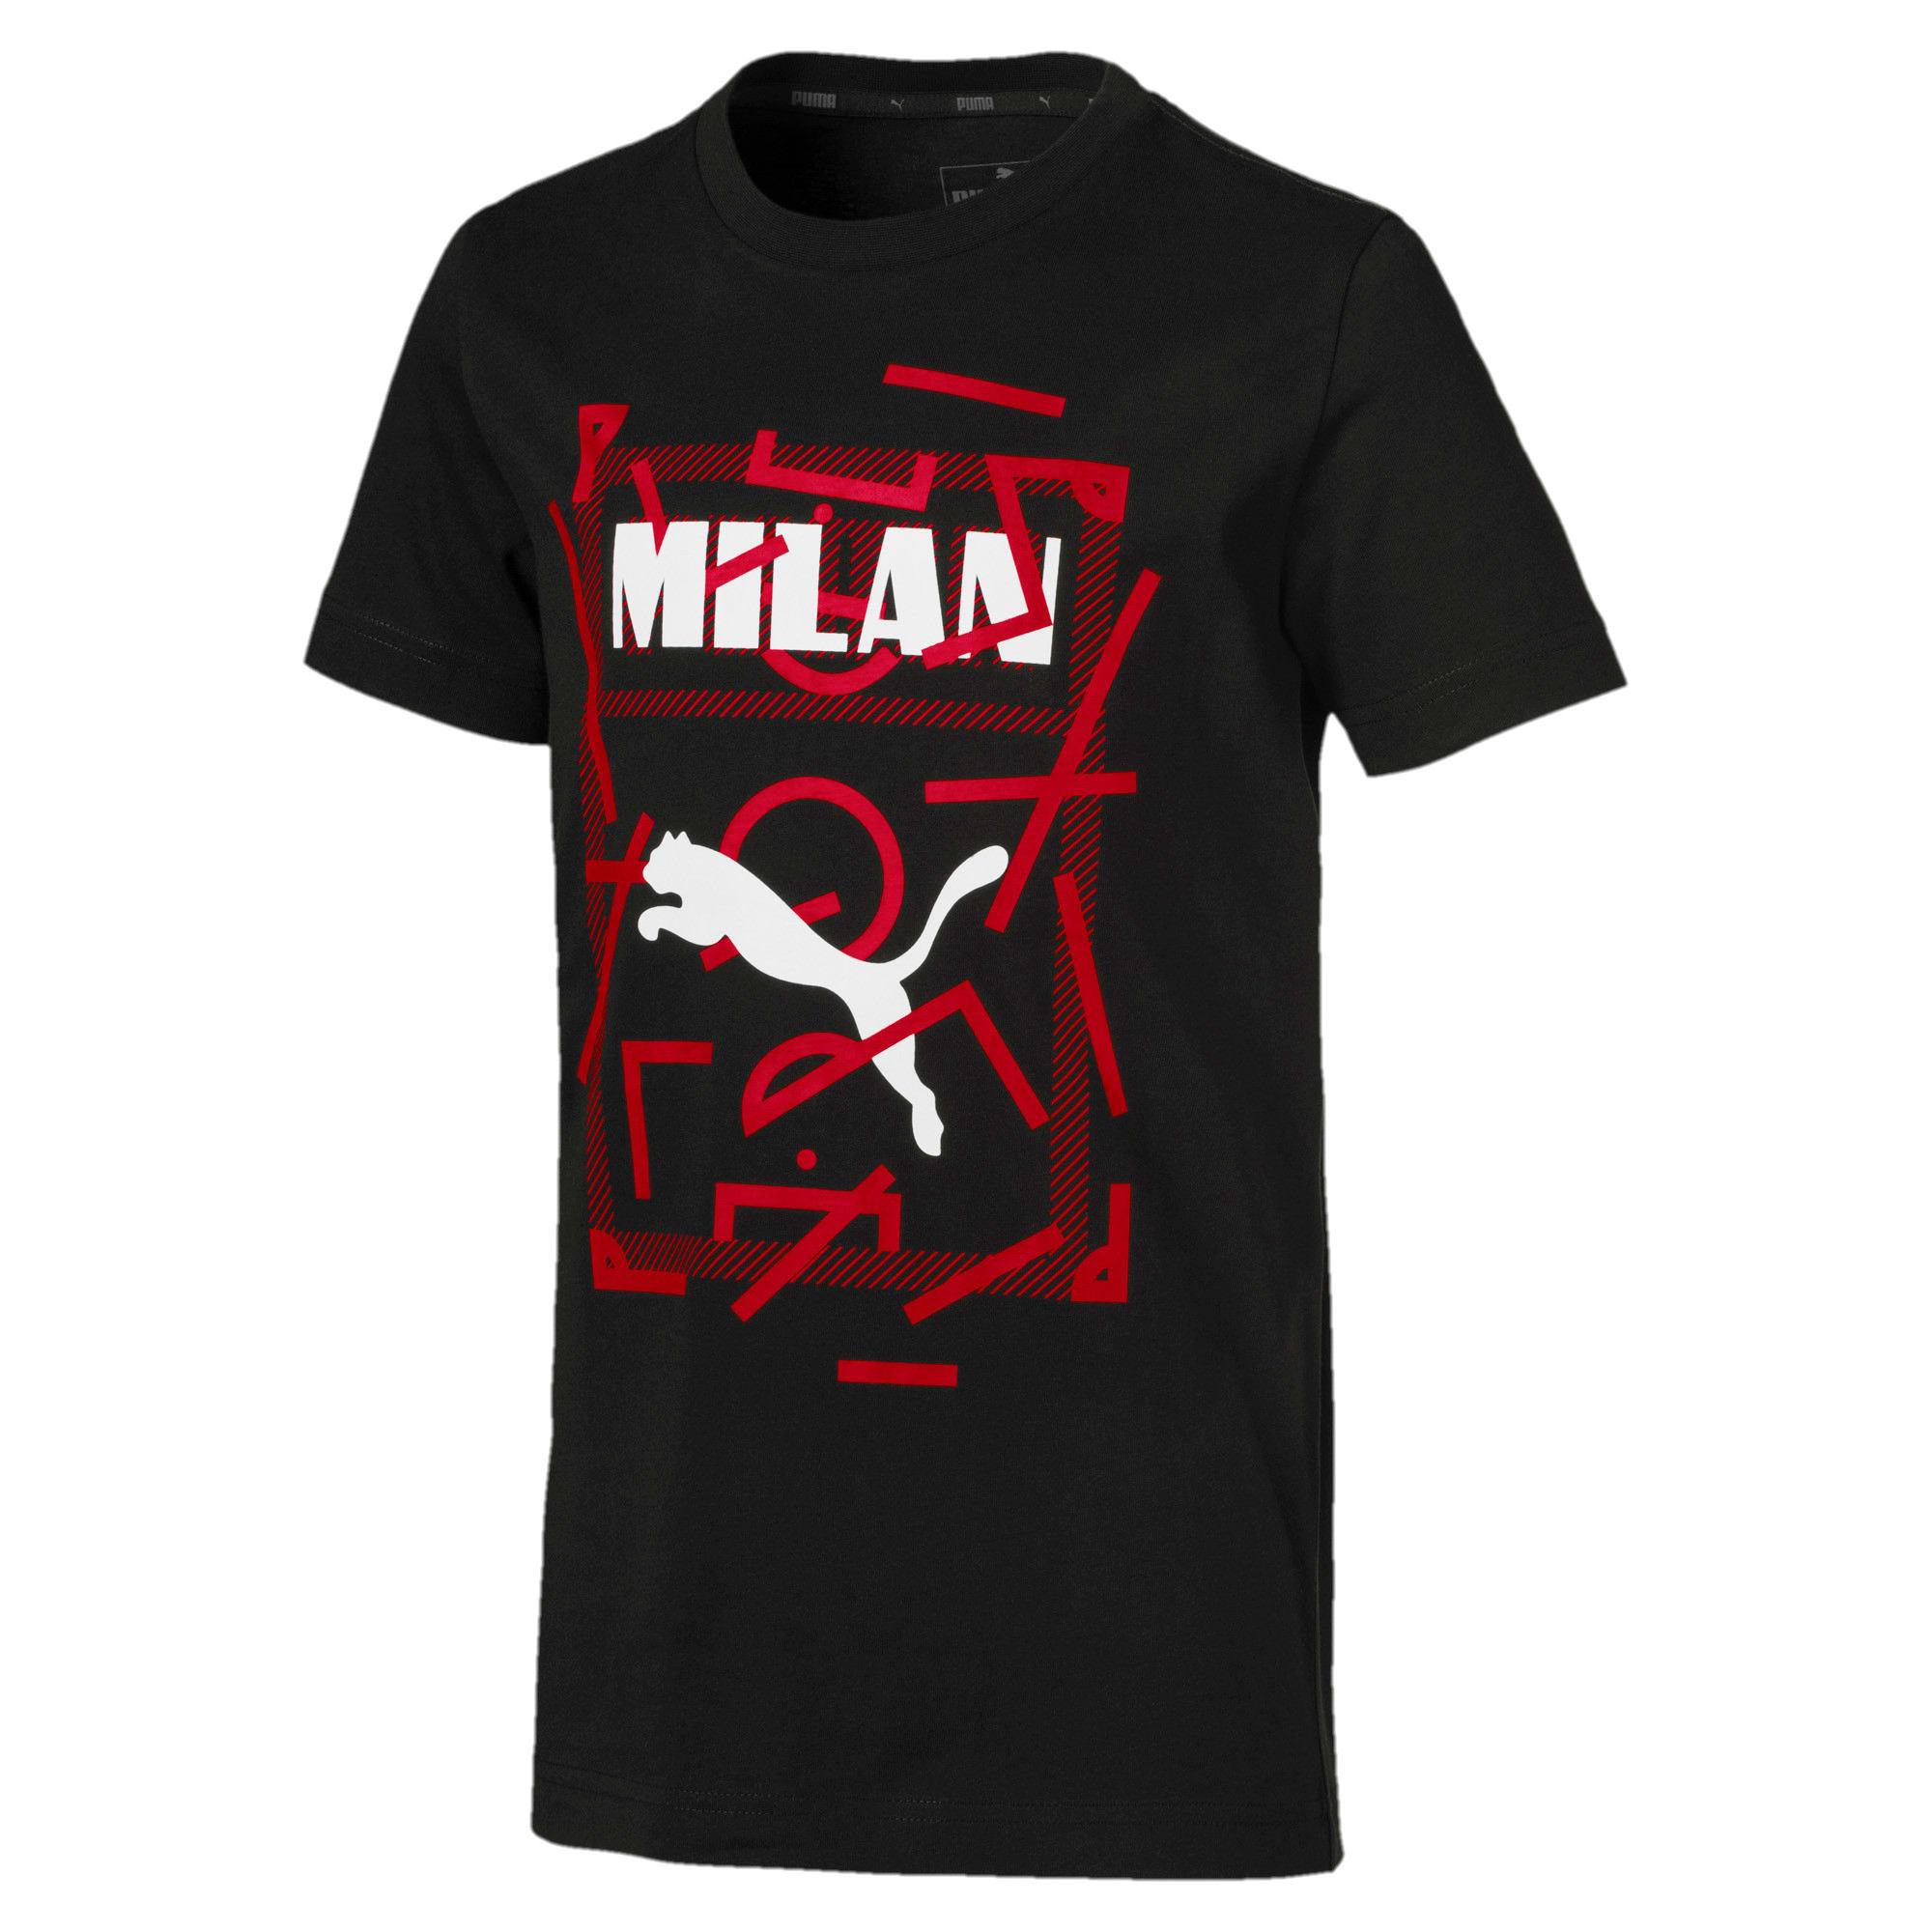 Thumbnail 1 of AC Milan DNA Kinder T-Shirt, Cotton Black-tango red, medium